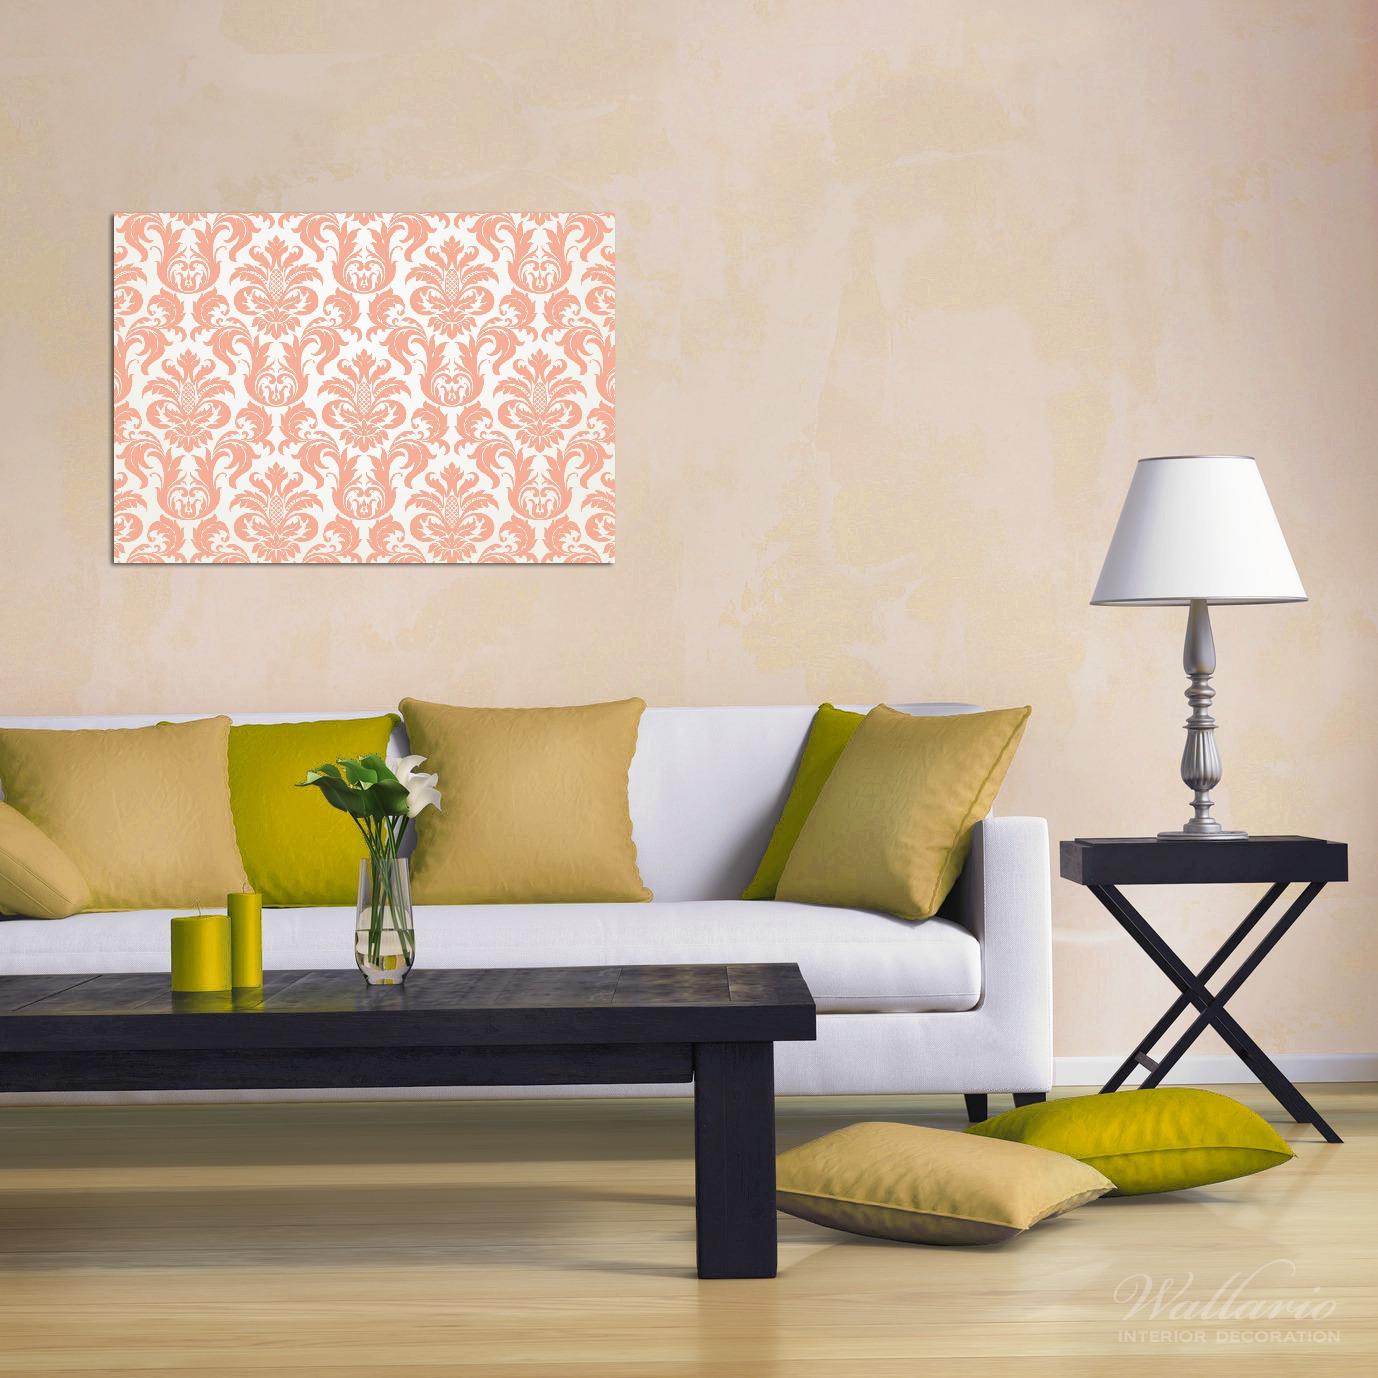 Wandbild Königliche Schnörkelei in weiß und orange – Bild 2